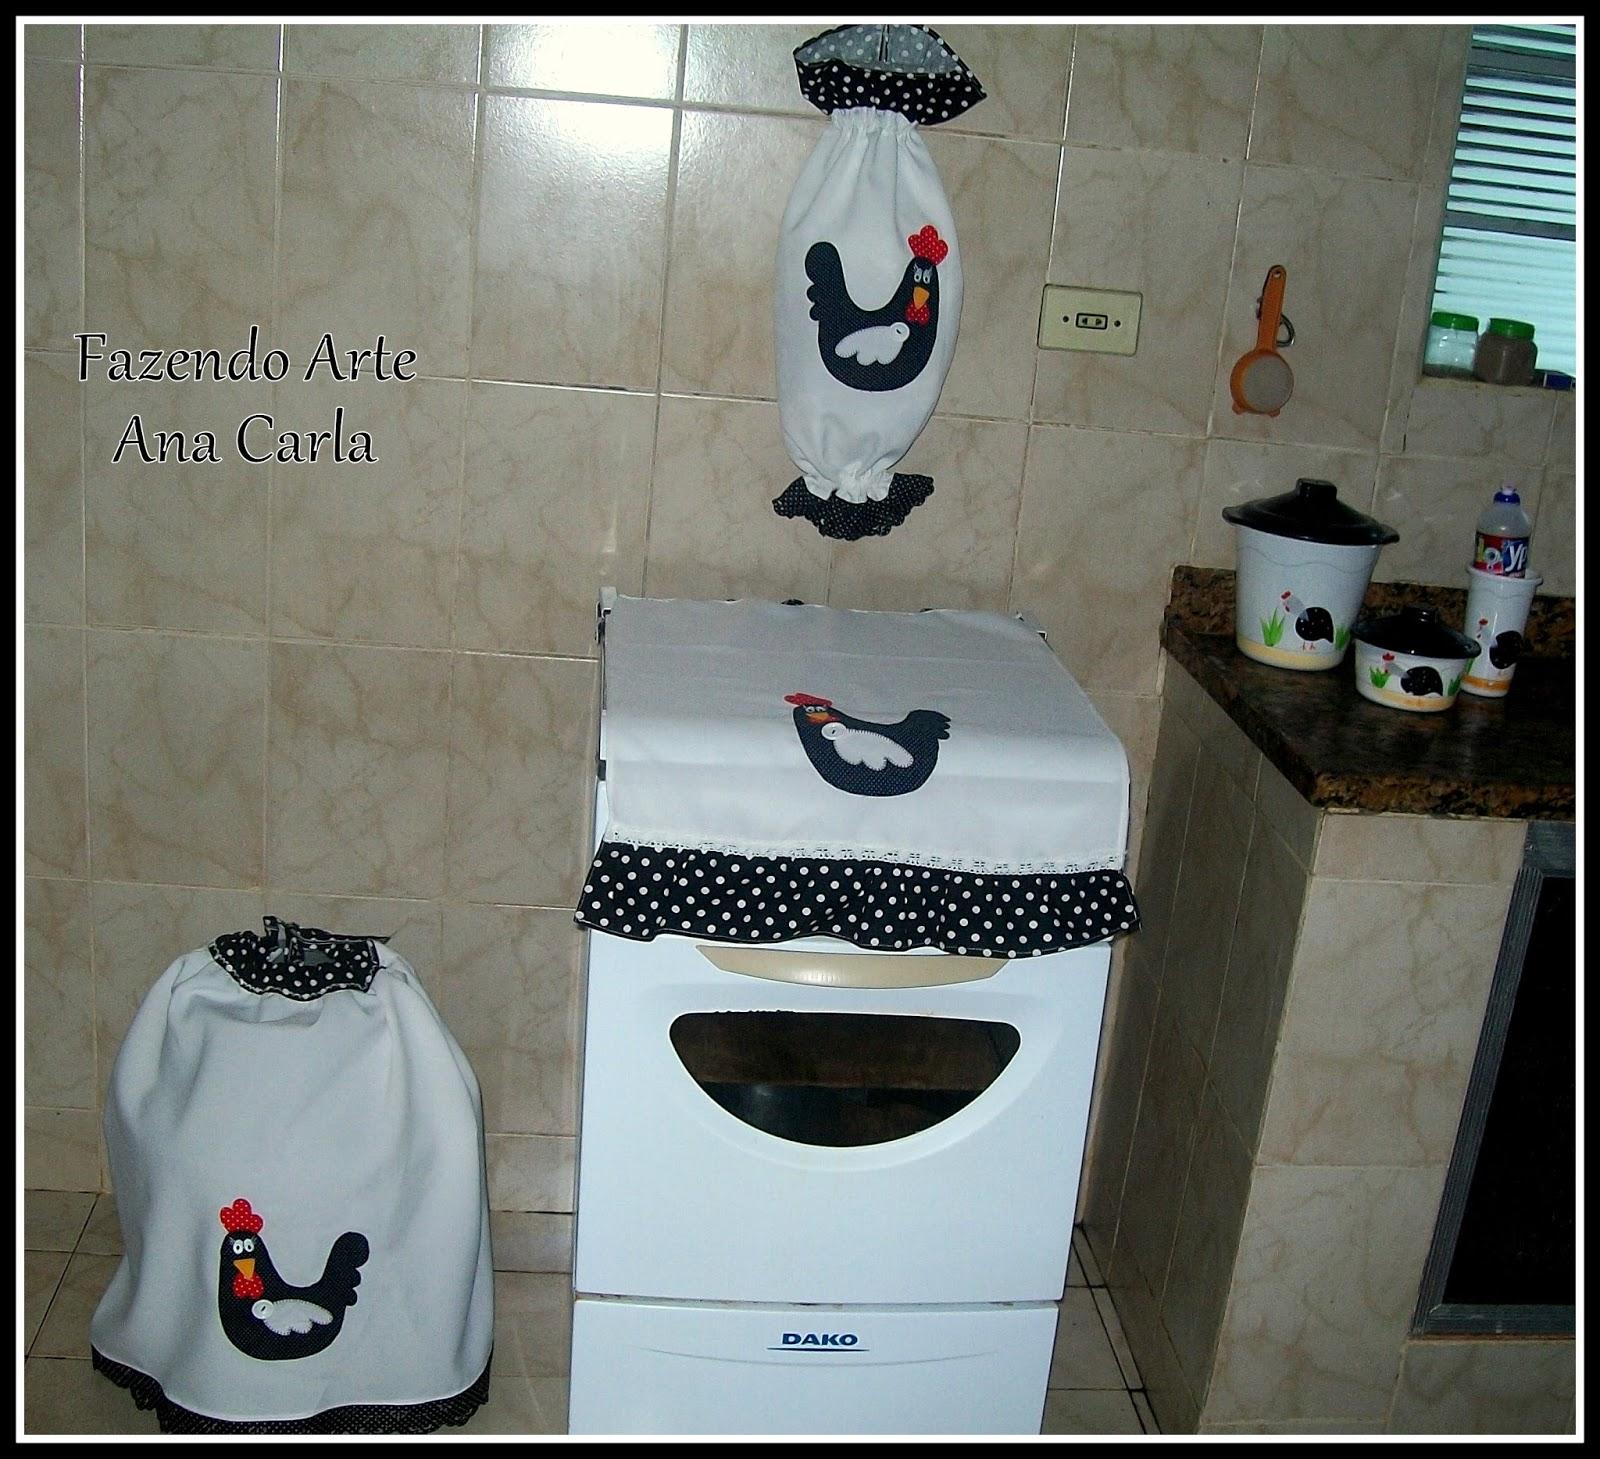 Fazendo Arte Kit cozinha galinha dangola